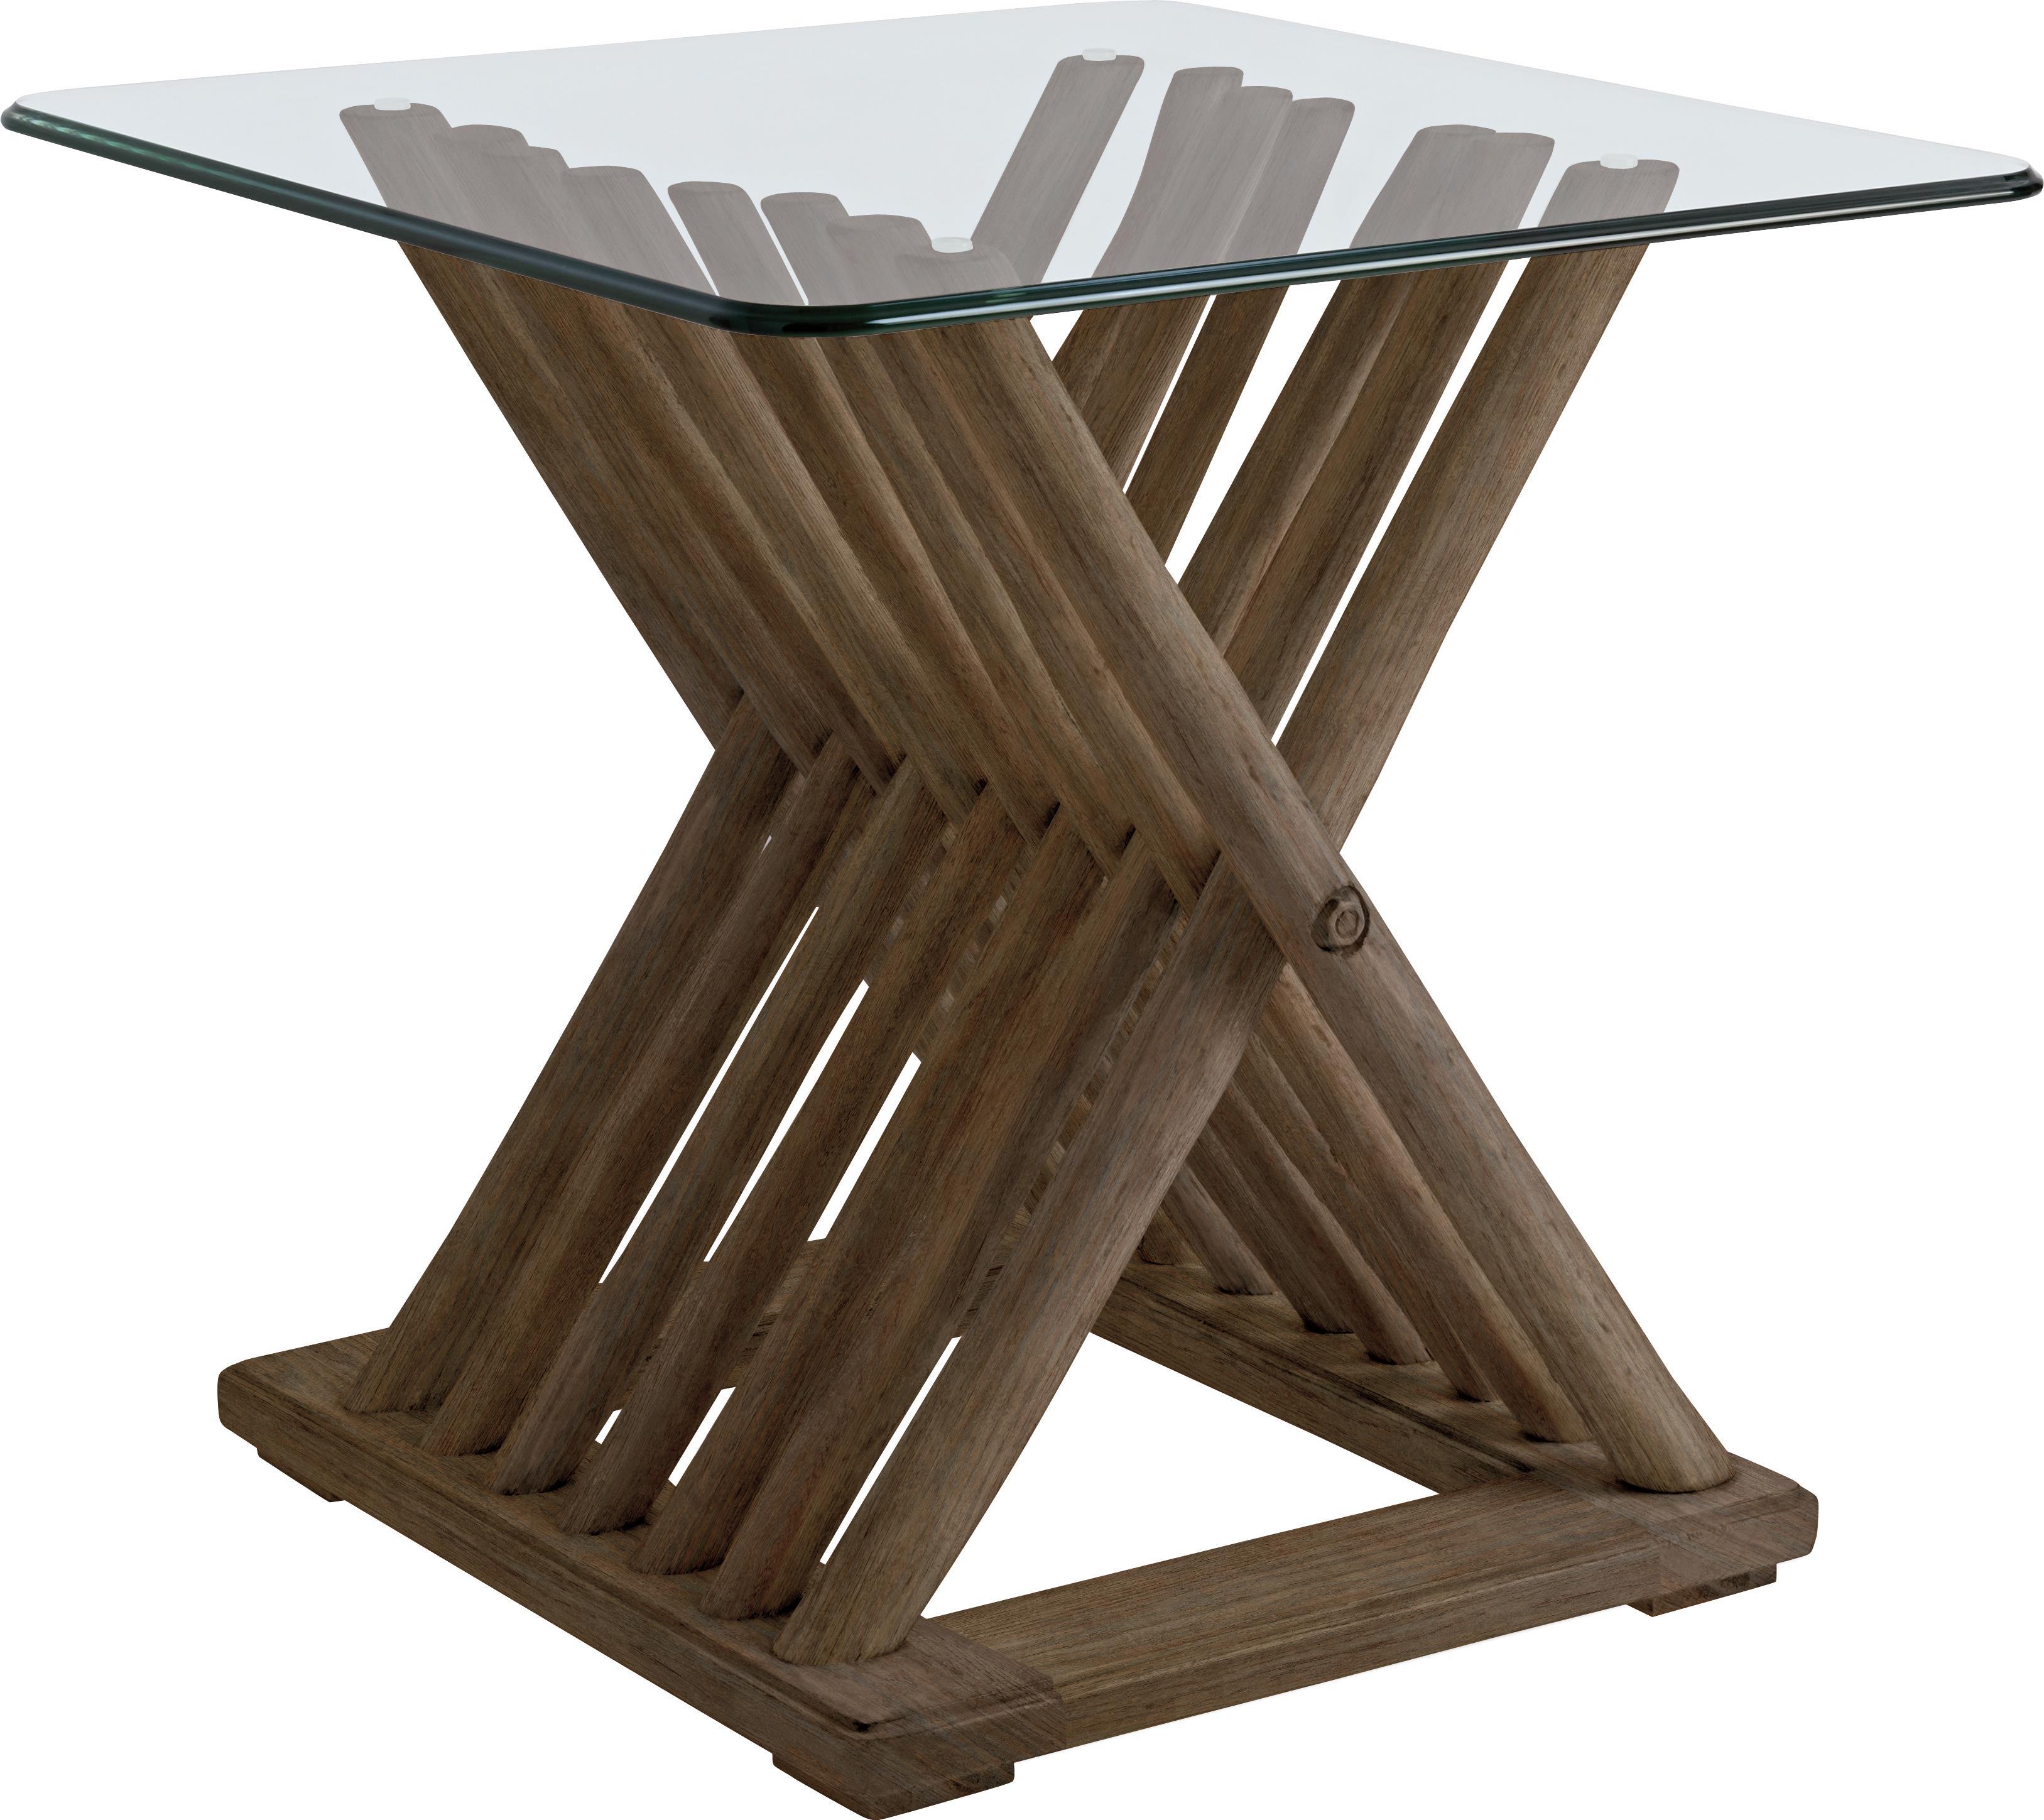 Stanley Furniture Coastal Living Resort Driftwood Flats End Table - Item Number: 062-15-14